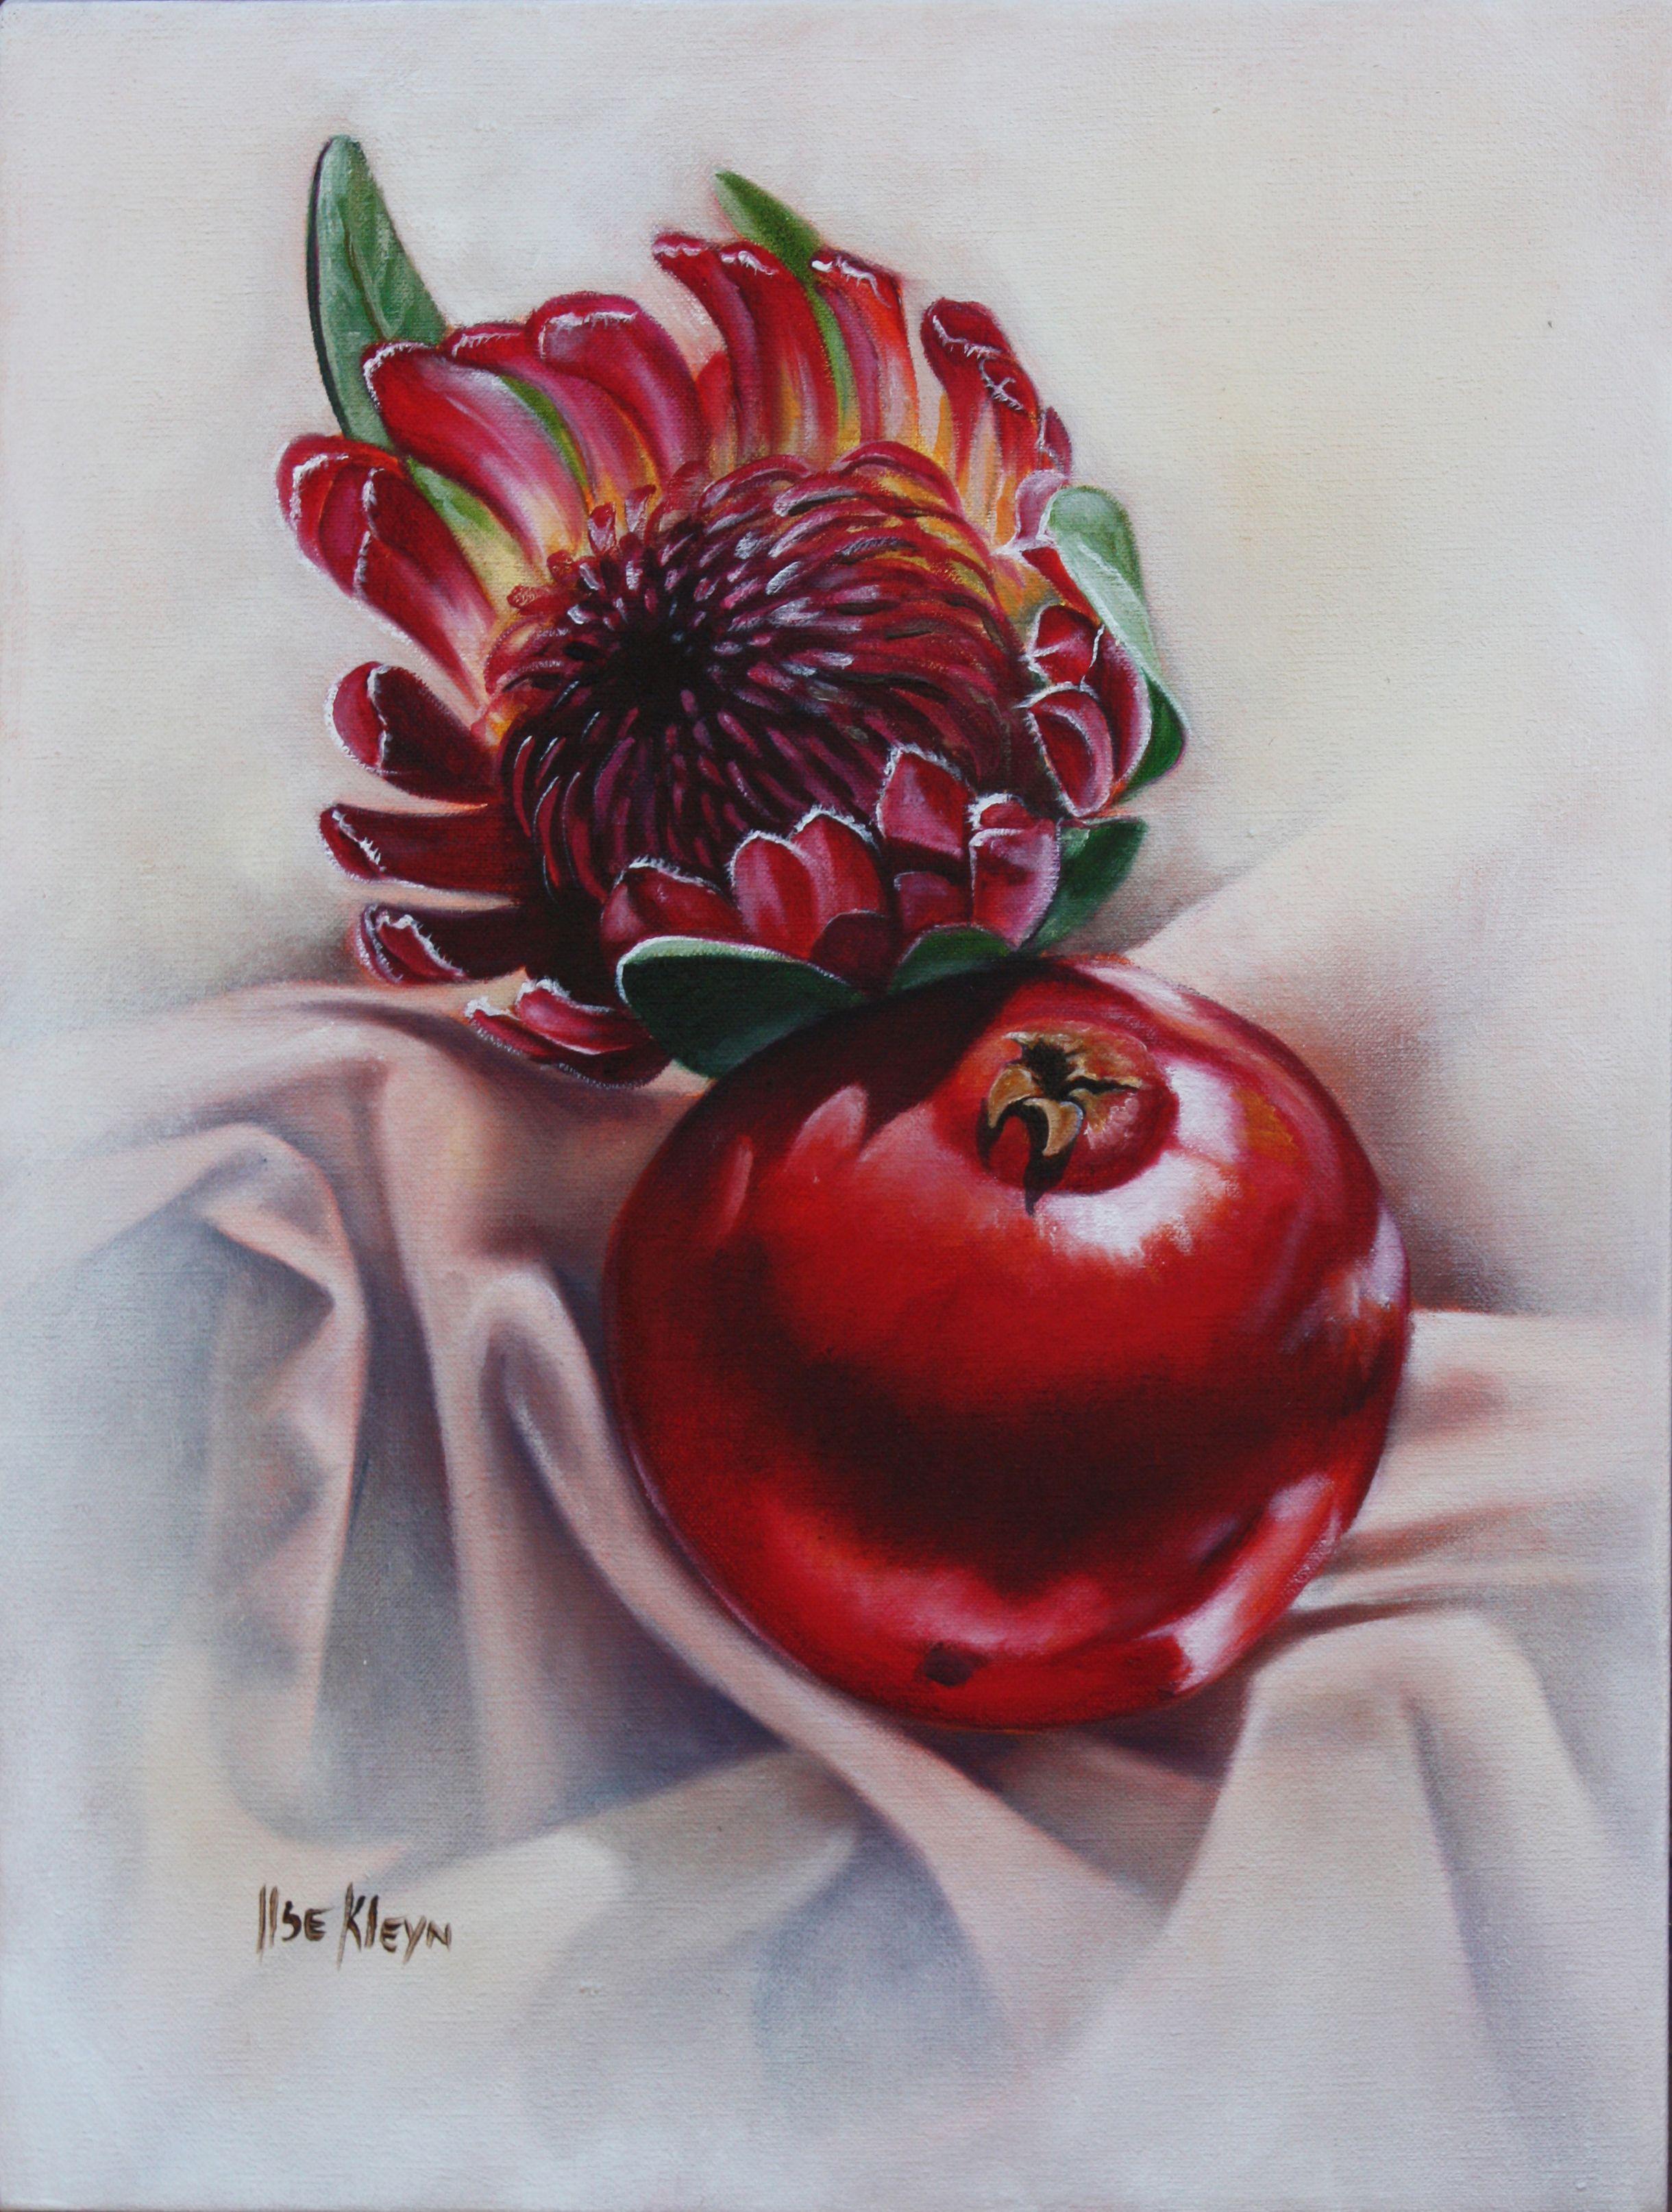 Oil Painting By Ilse Kleyn Www Artofkleyn Co Za Protea Art Floral Art Flower Art